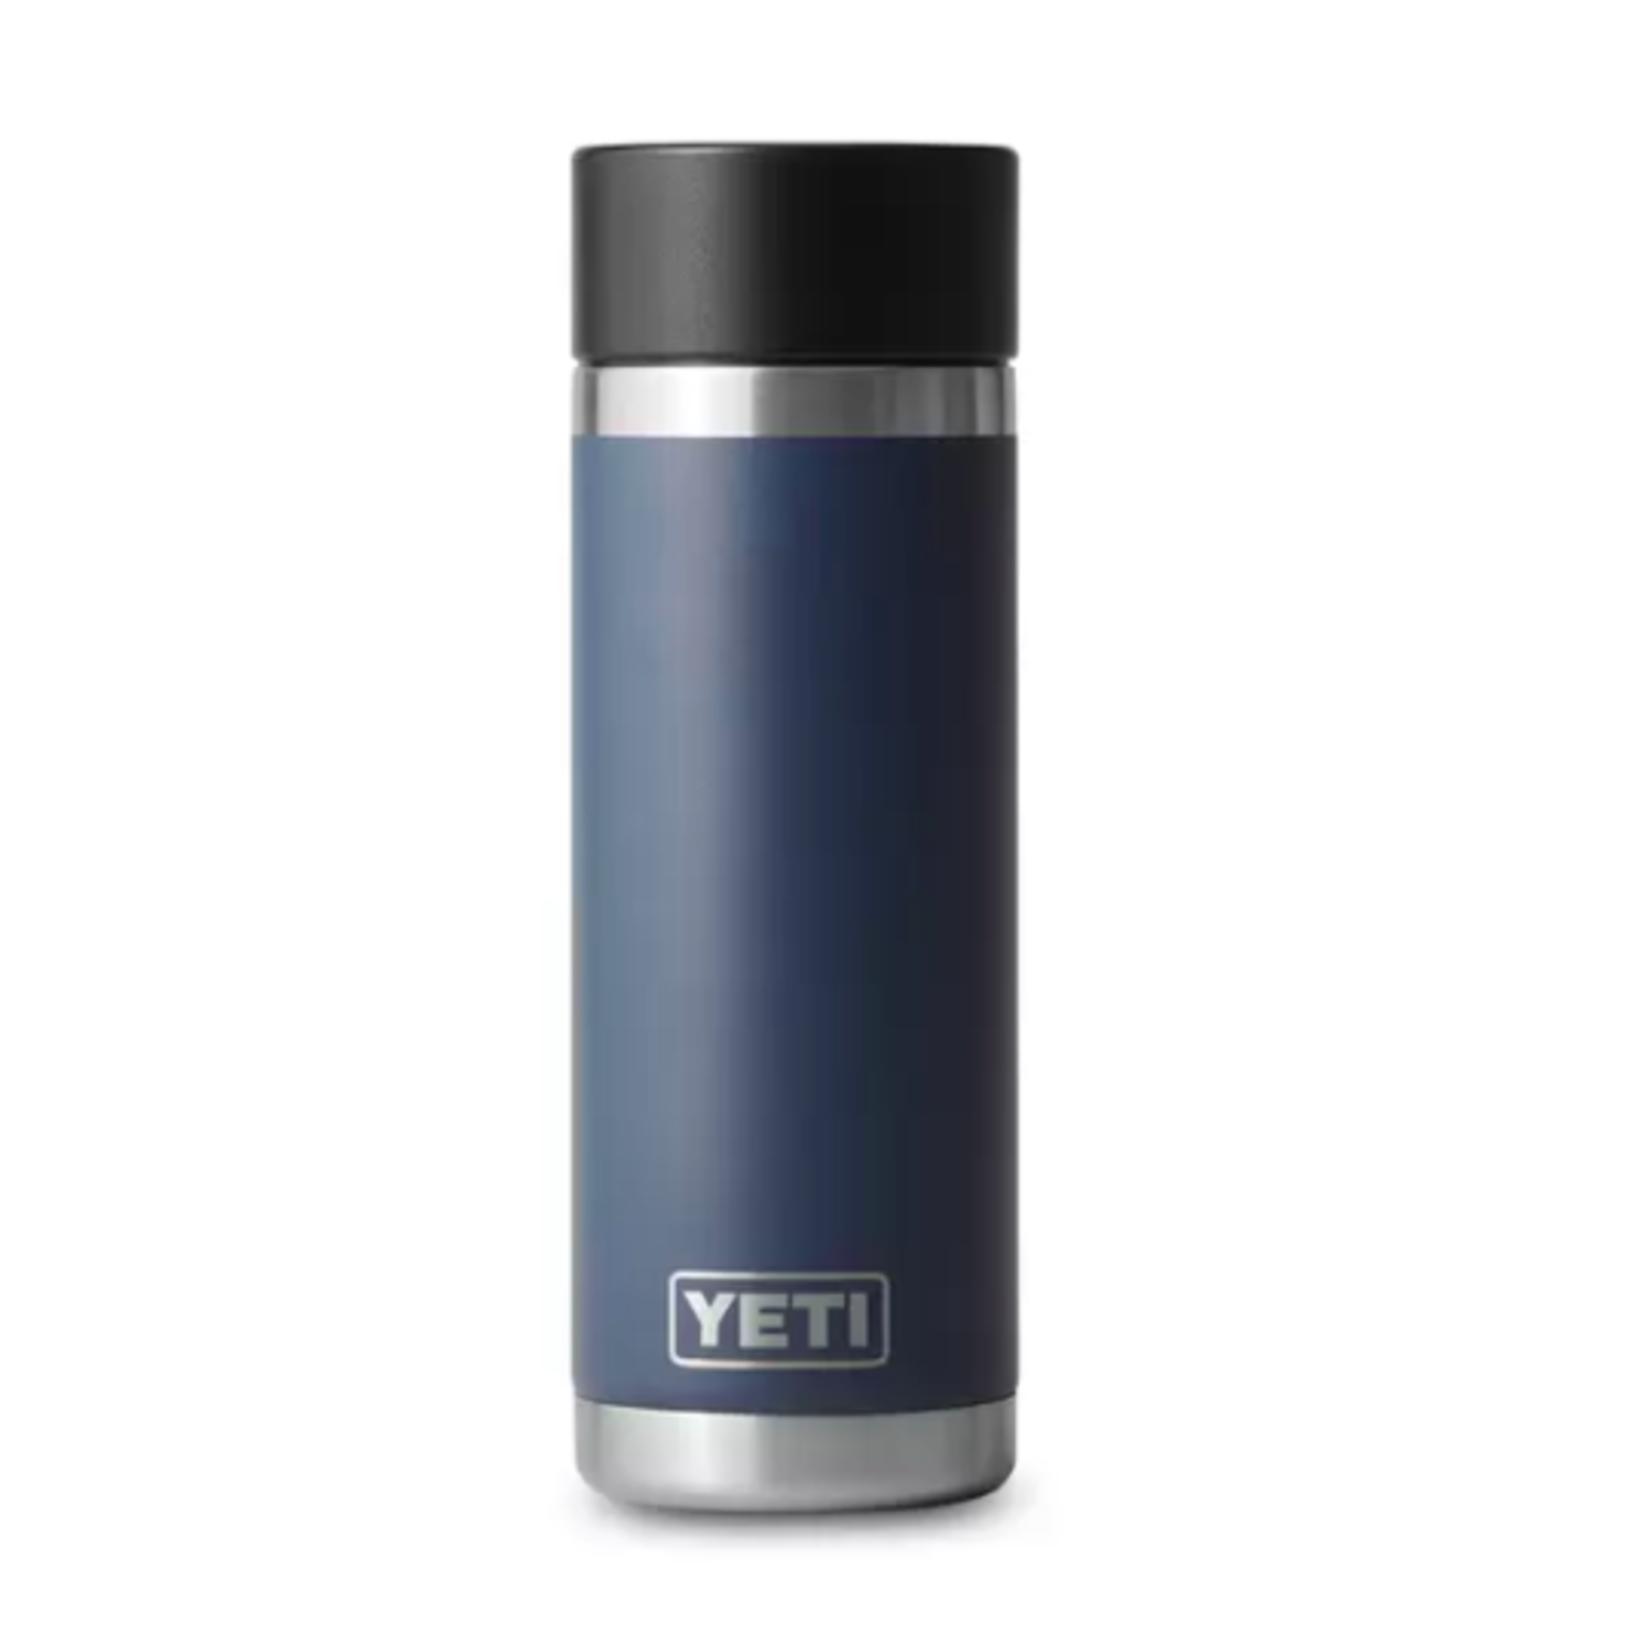 YETI 18oz Bottle w/ Hotshot Cap